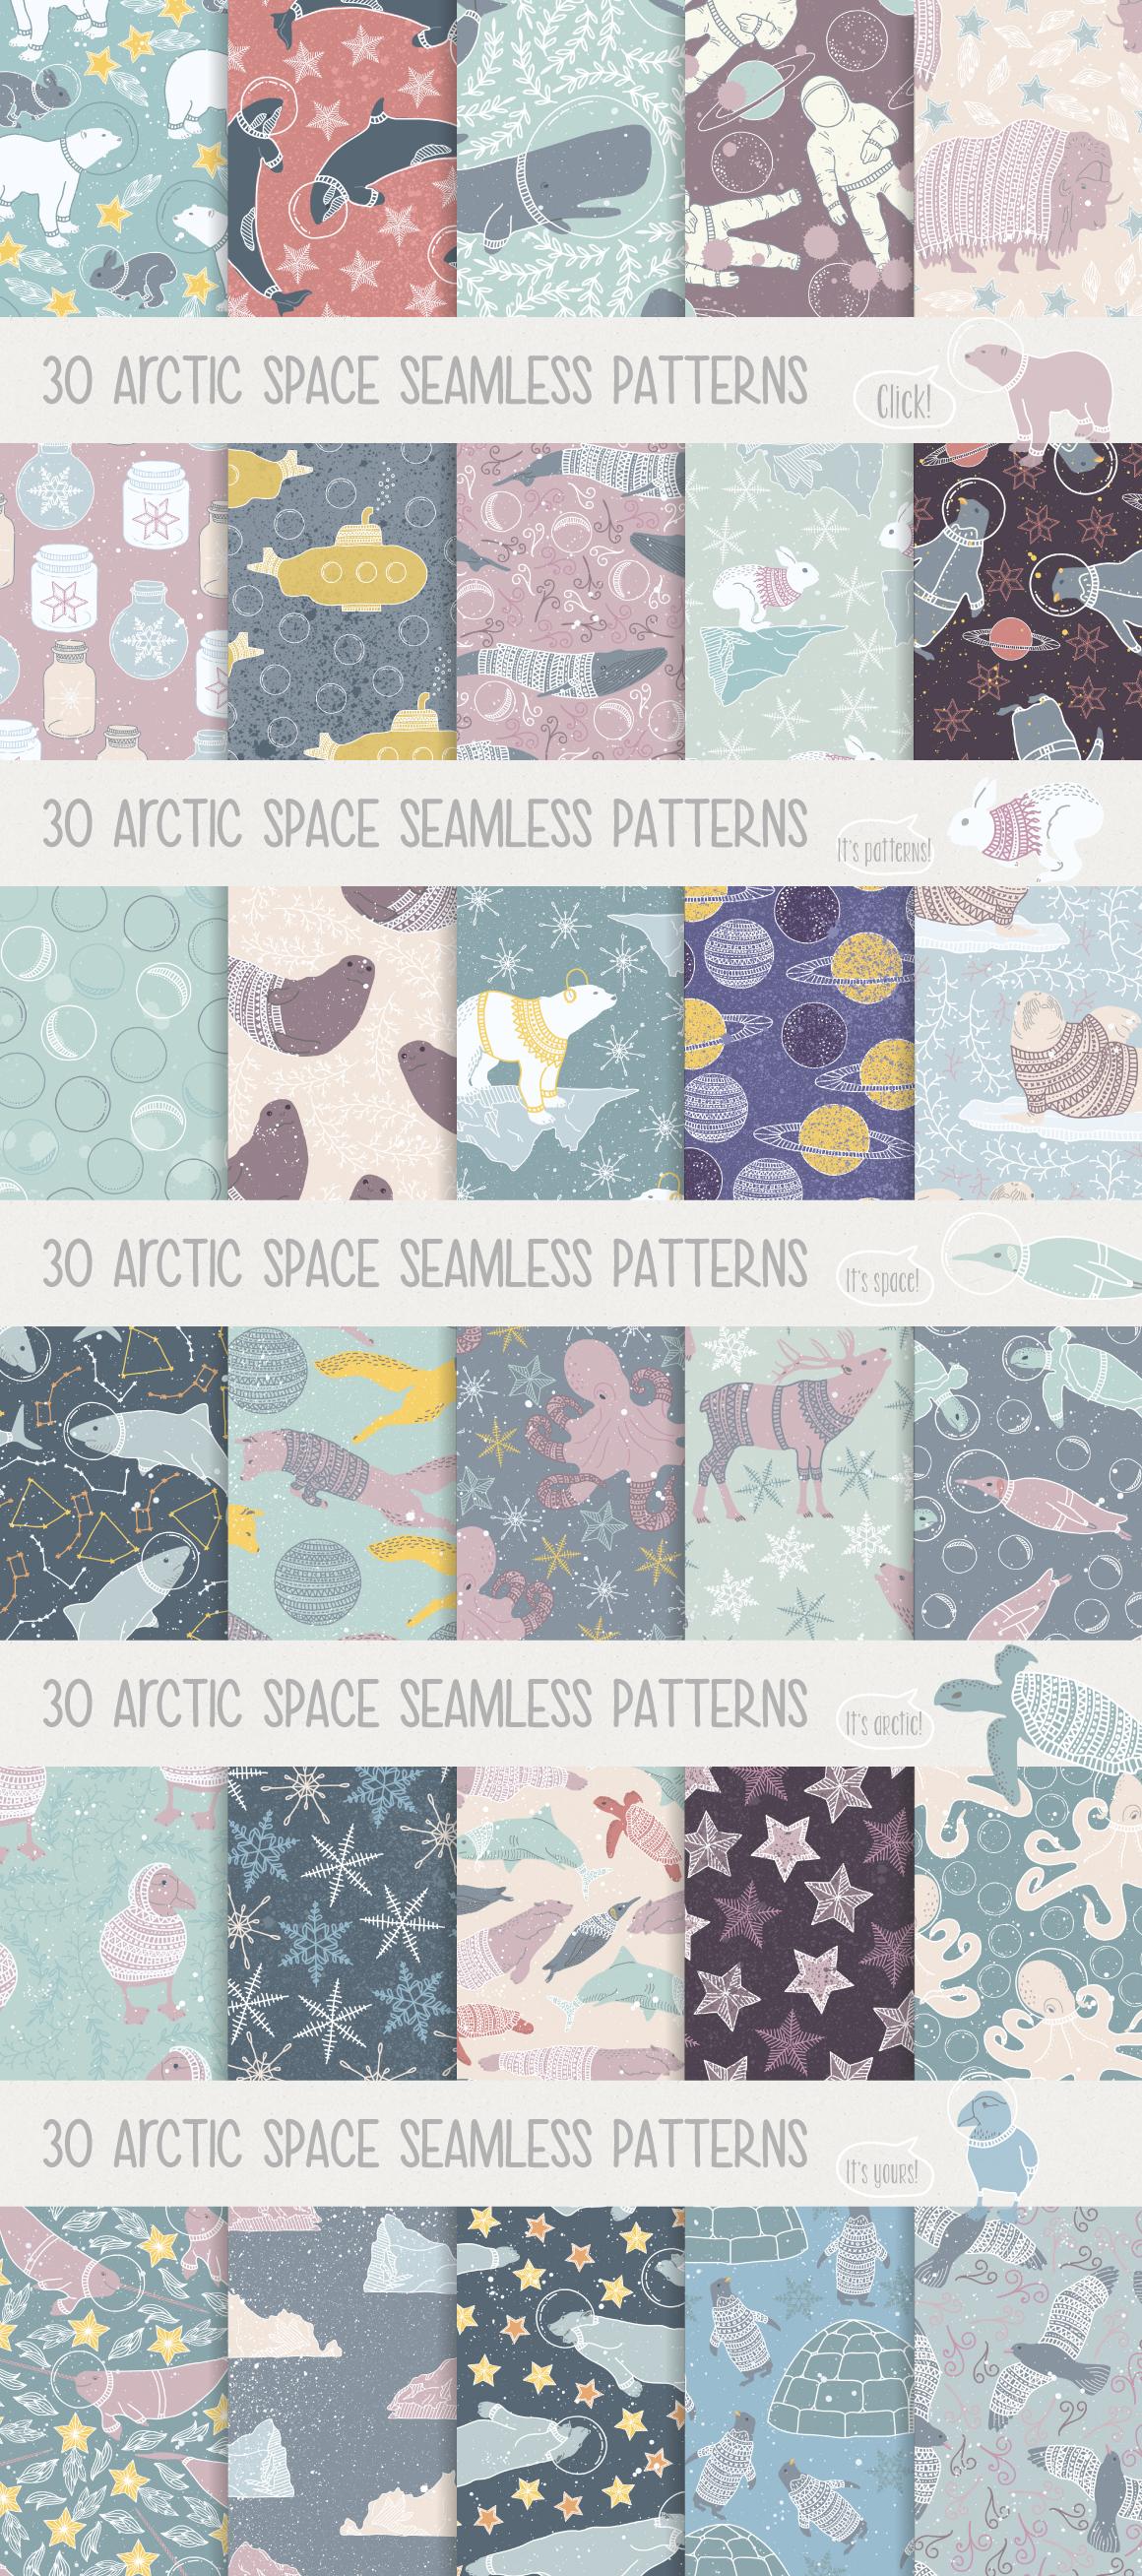 北极熊&抽象空间元素装饰图案素材集 Arctic Space Collection插图(3)